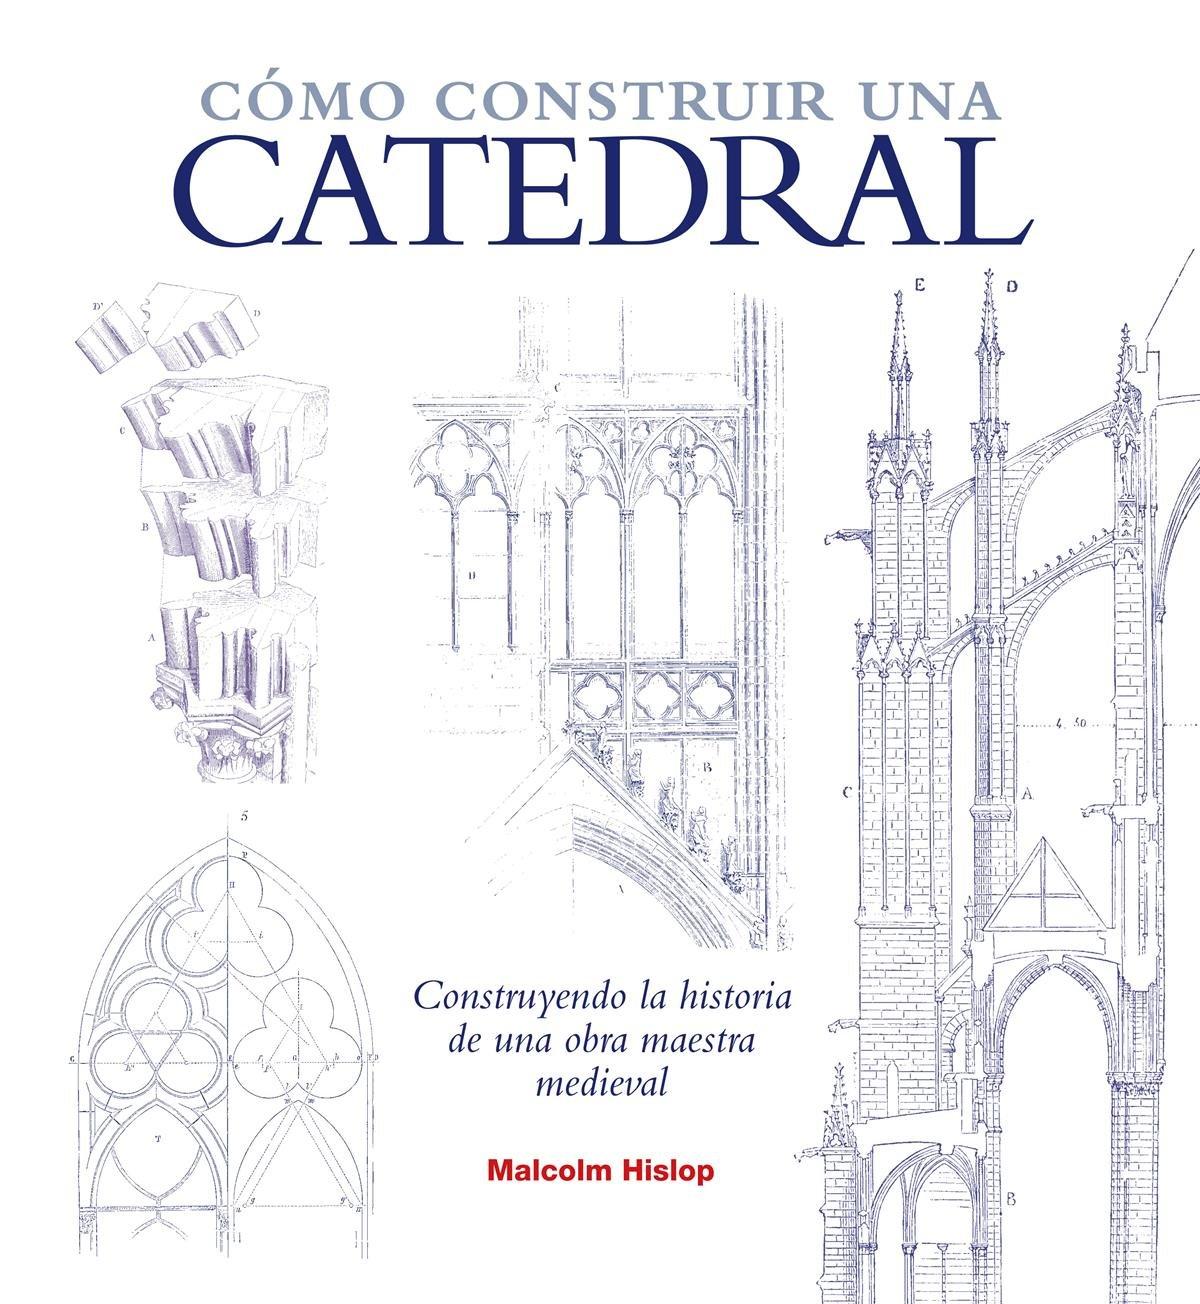 Cómo construir una catedral (Grandes temas): Amazon.es: Hislop, Malcolm, González García, Juan Luis: Libros